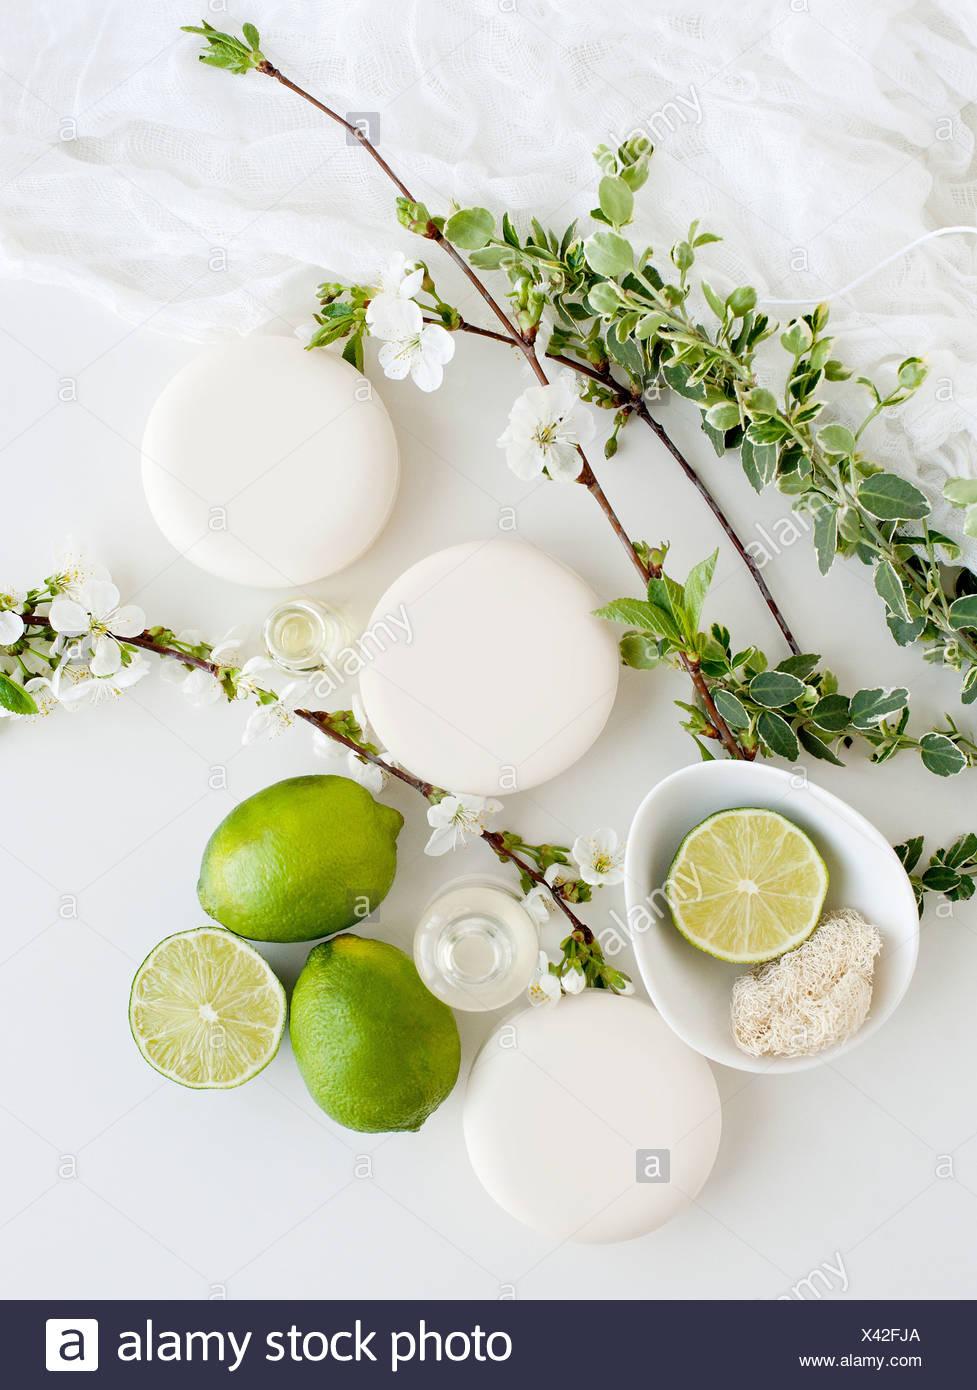 La vie toujours avec savons aromatiques, s'épanouir et de chaux Photo Stock